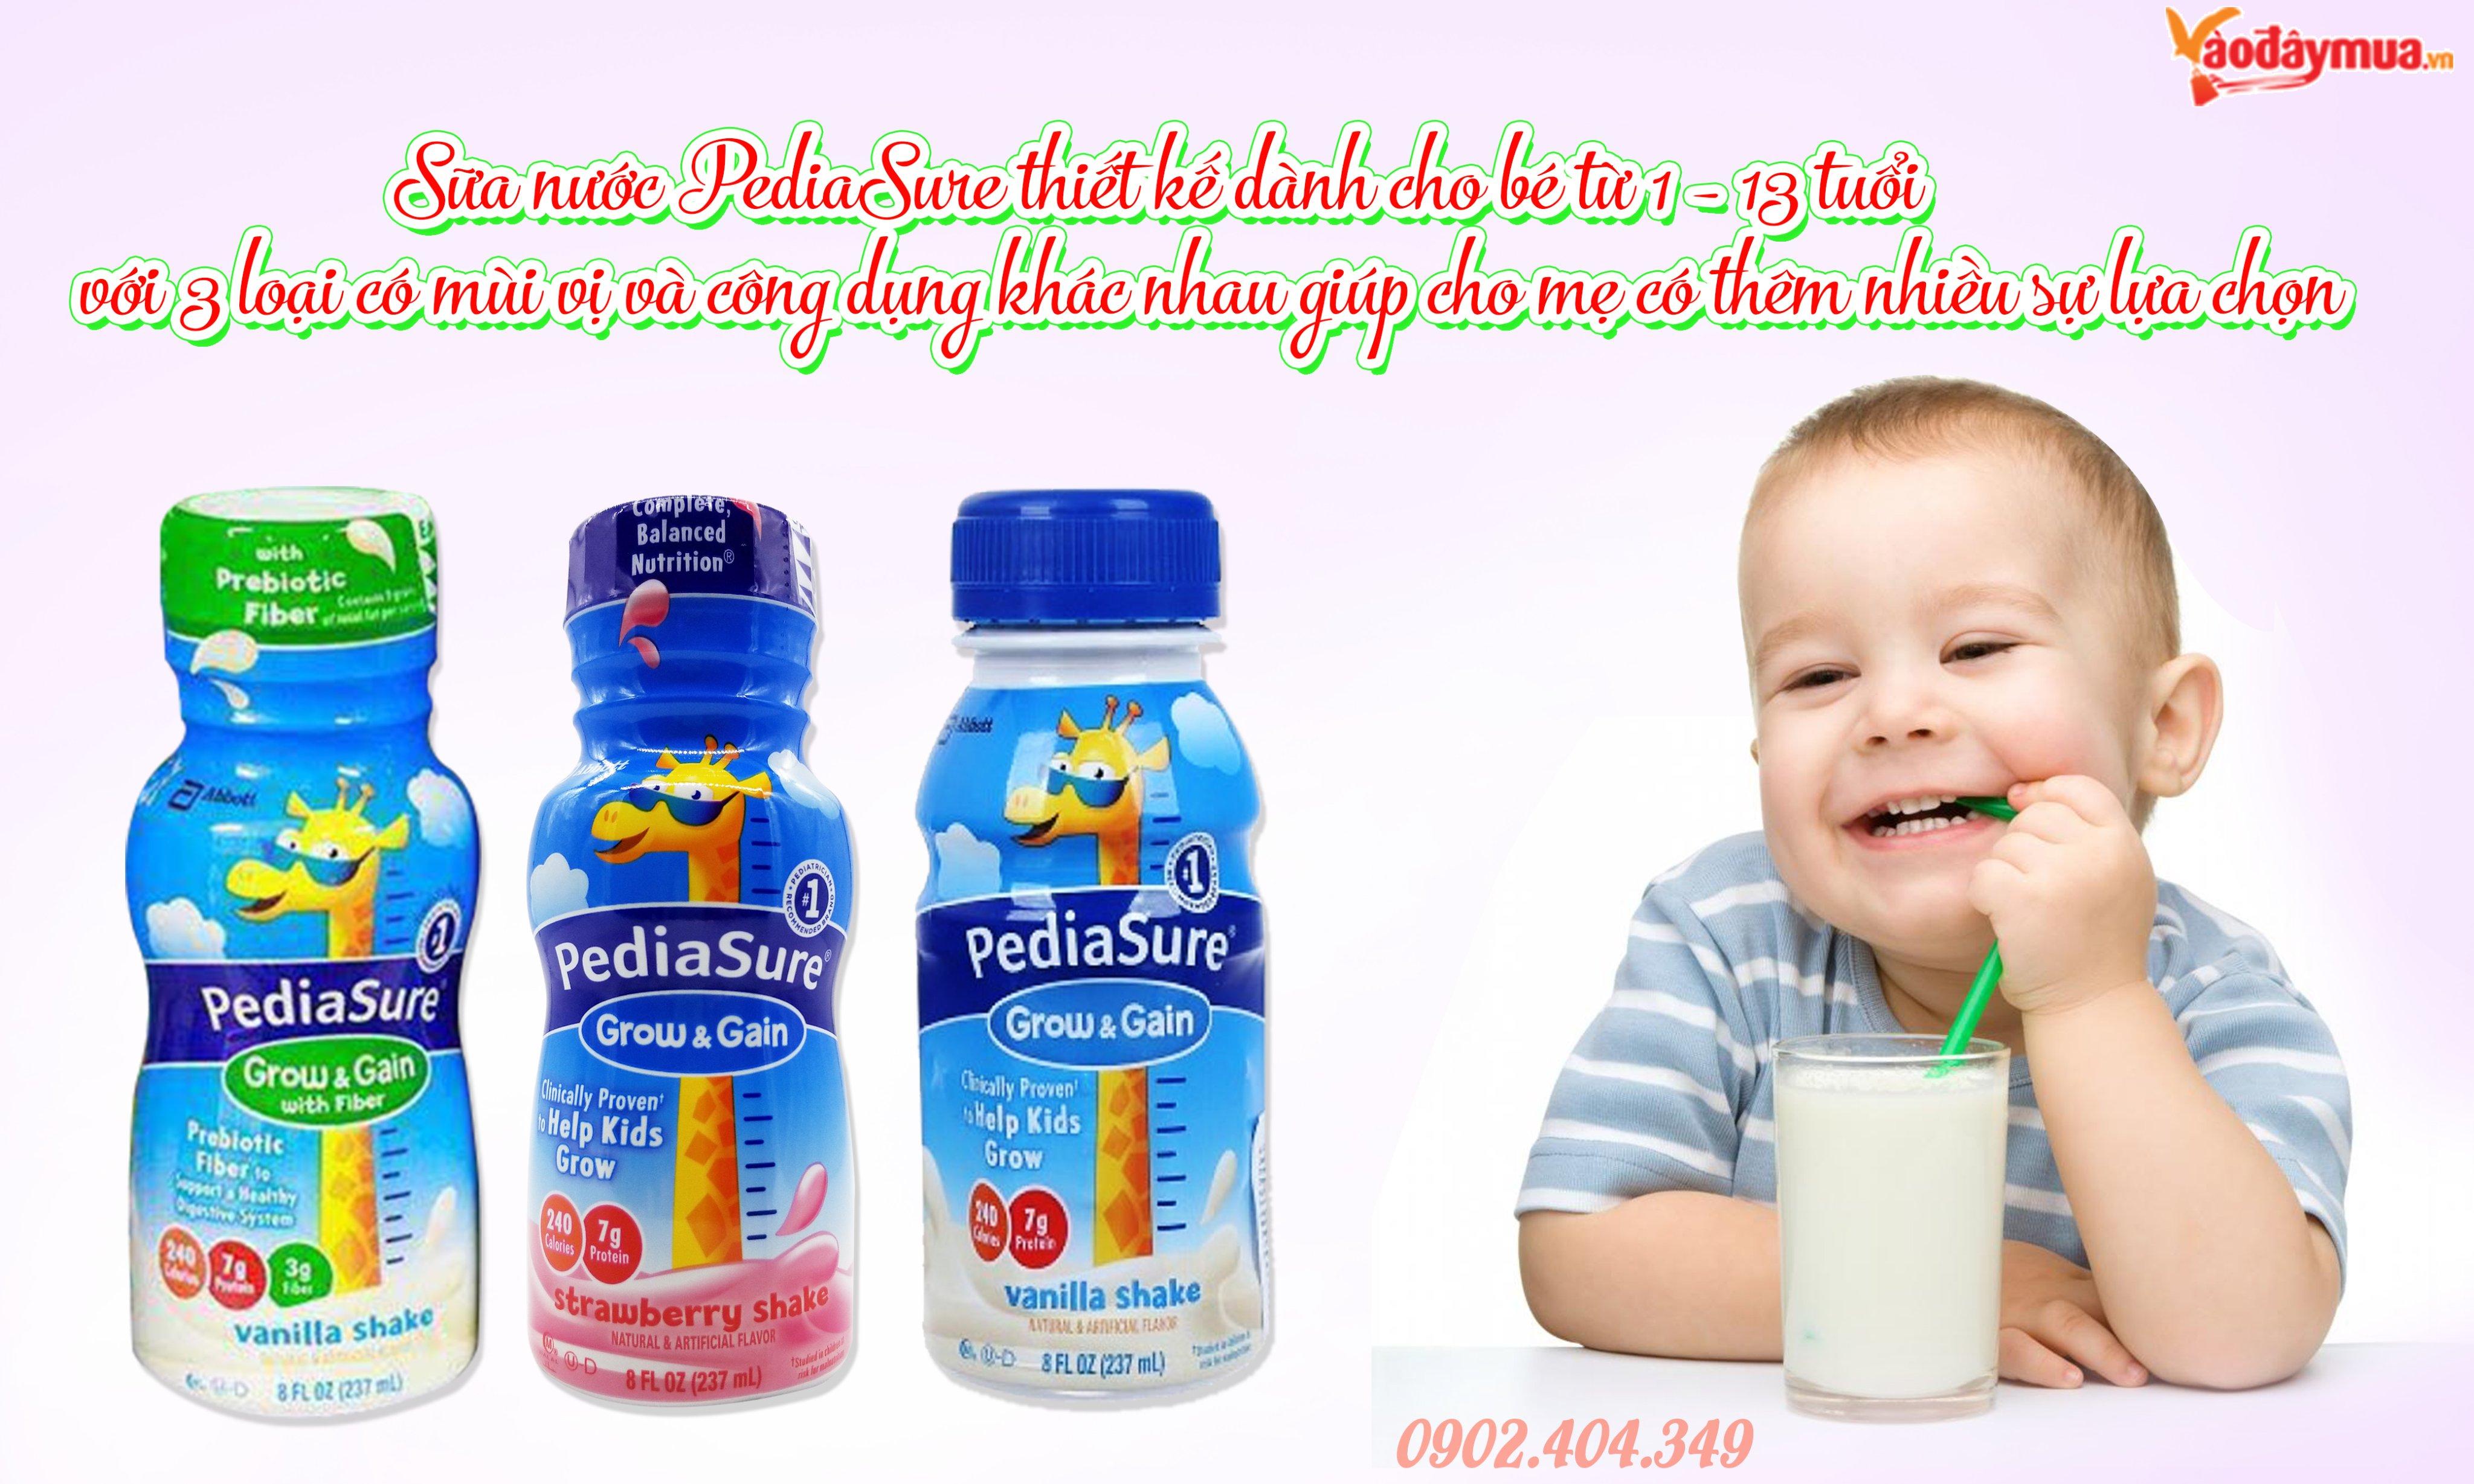 Sữa pediasure nước có 3 loại giúp cho bé có thêm nhiều lựa chọn khi uống